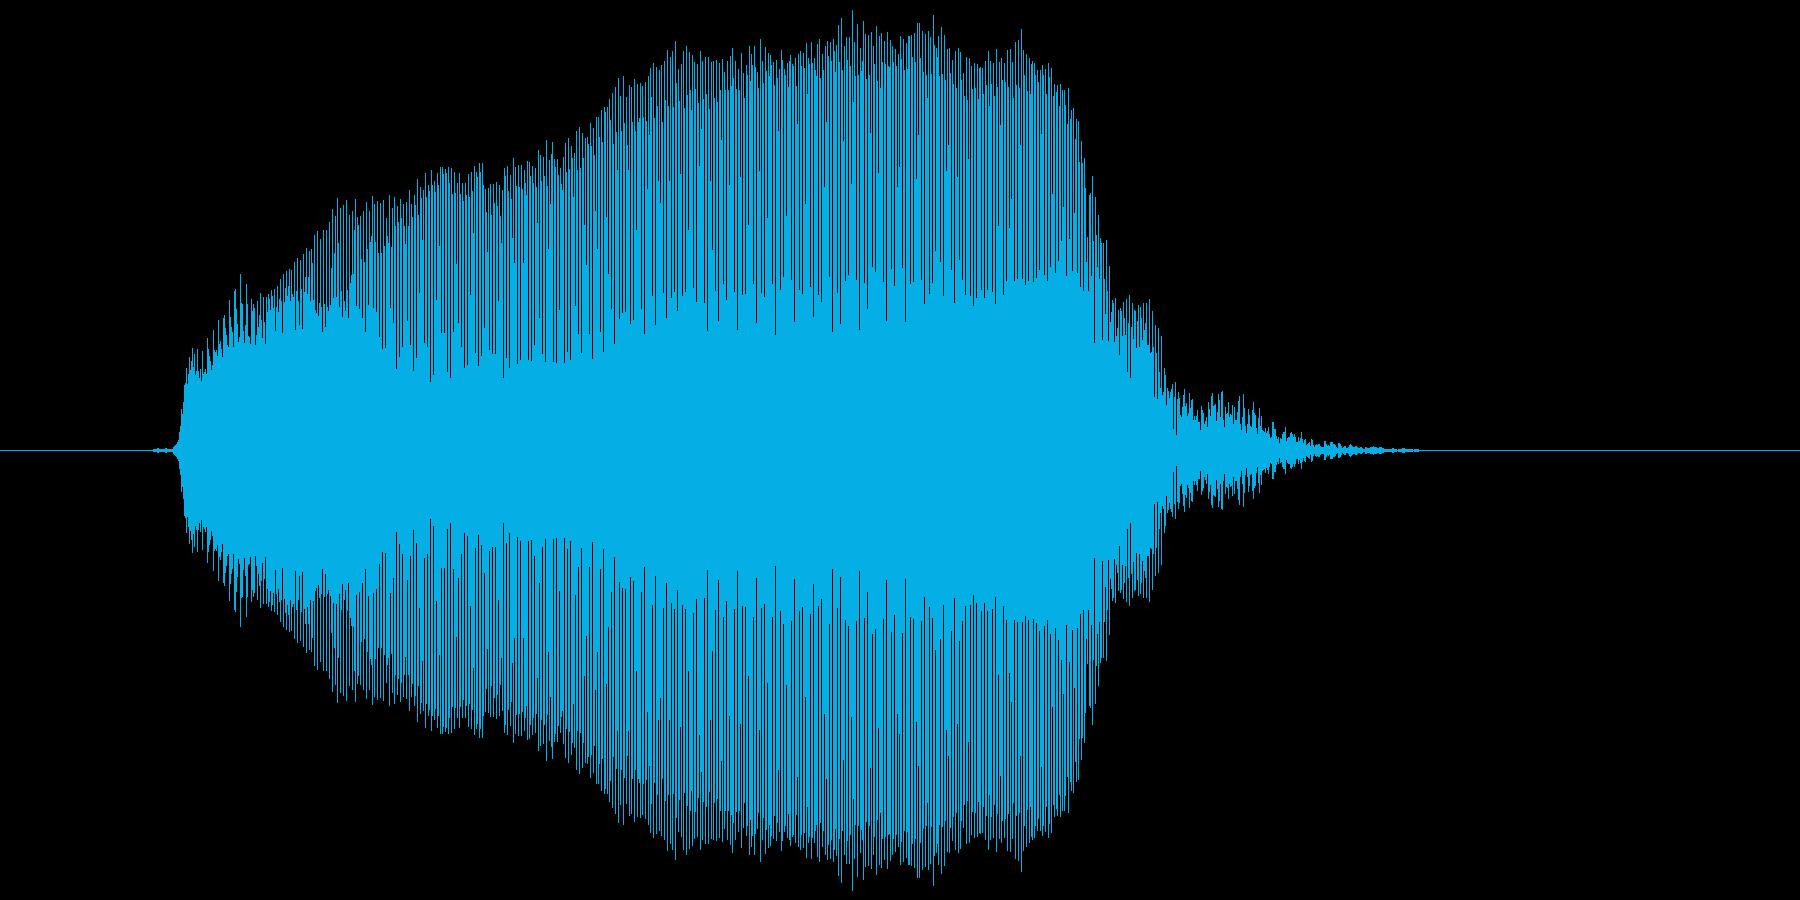 「うぉ~」の再生済みの波形